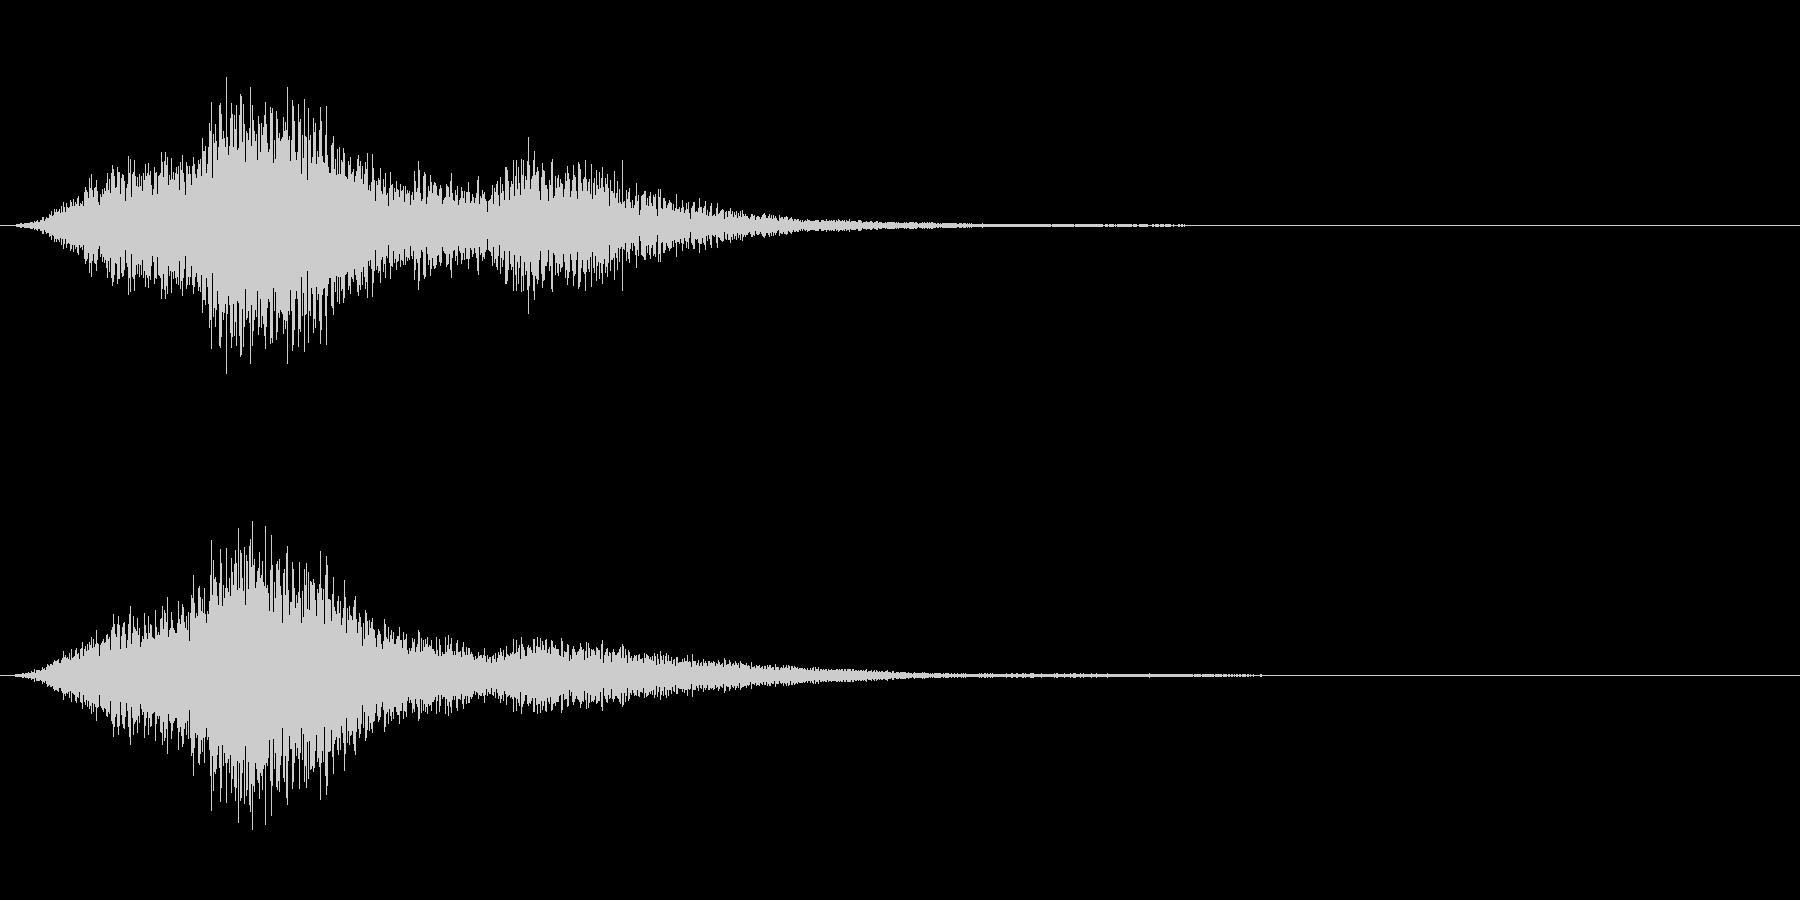 シンバルによる不気味な音の未再生の波形